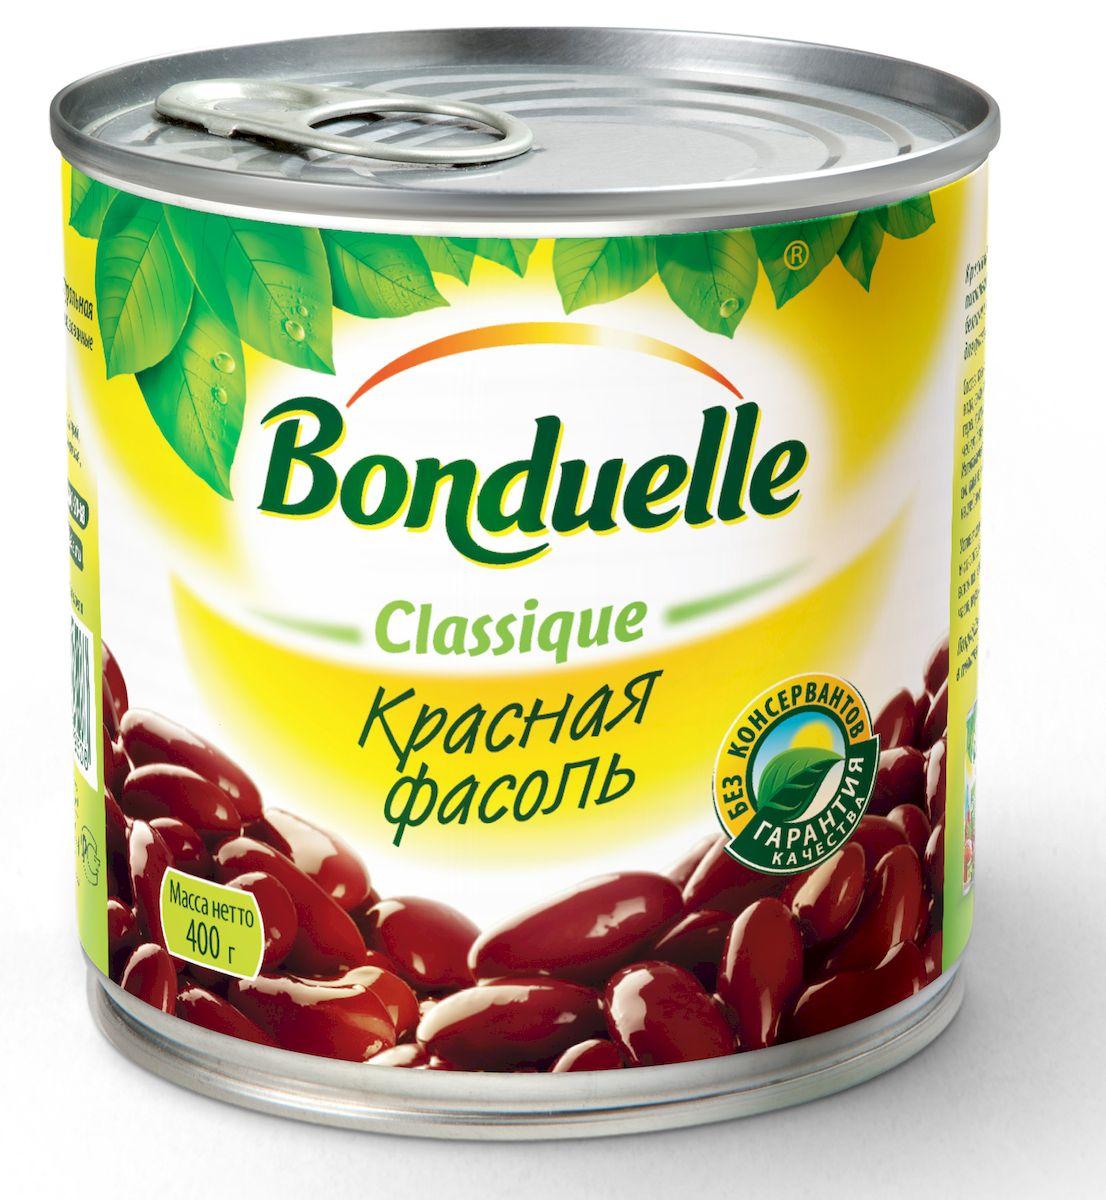 Bonduelle красная фасоль, 400 г